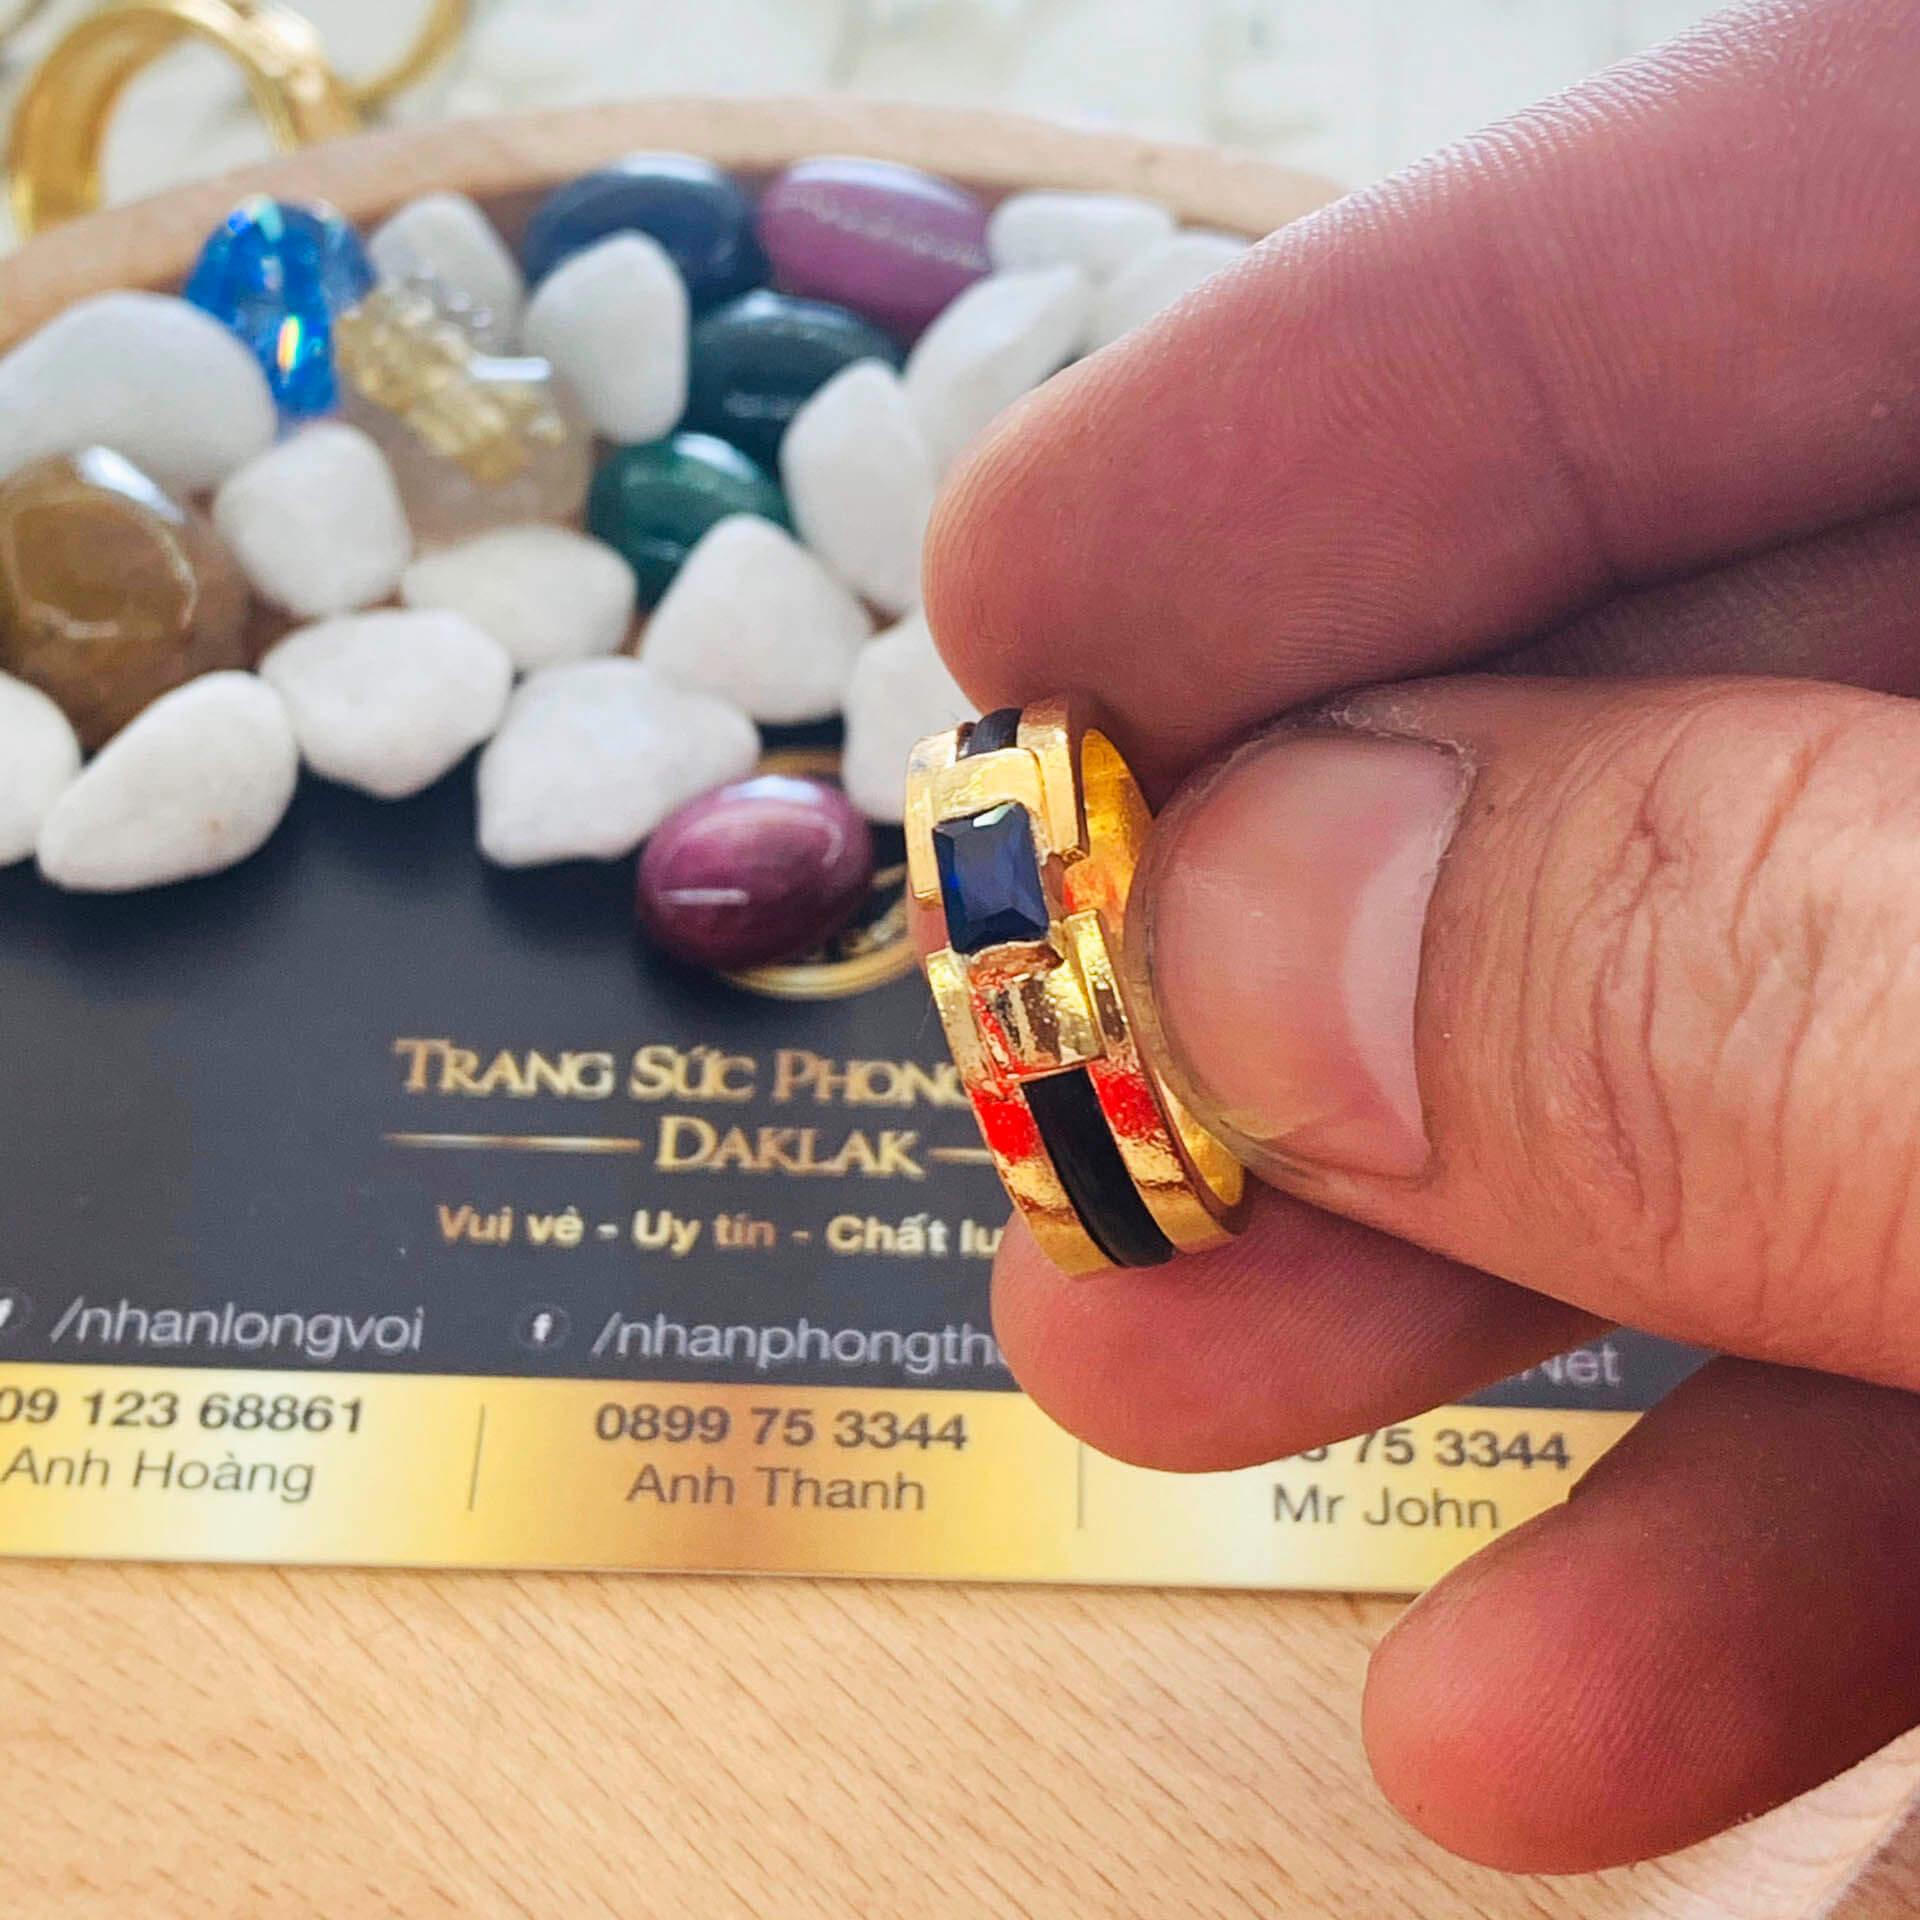 Nhẫn nam vàng 18K đính đá luồng lông voi DakLak vừa sang trọng vừa giàu giá trị phong thủy